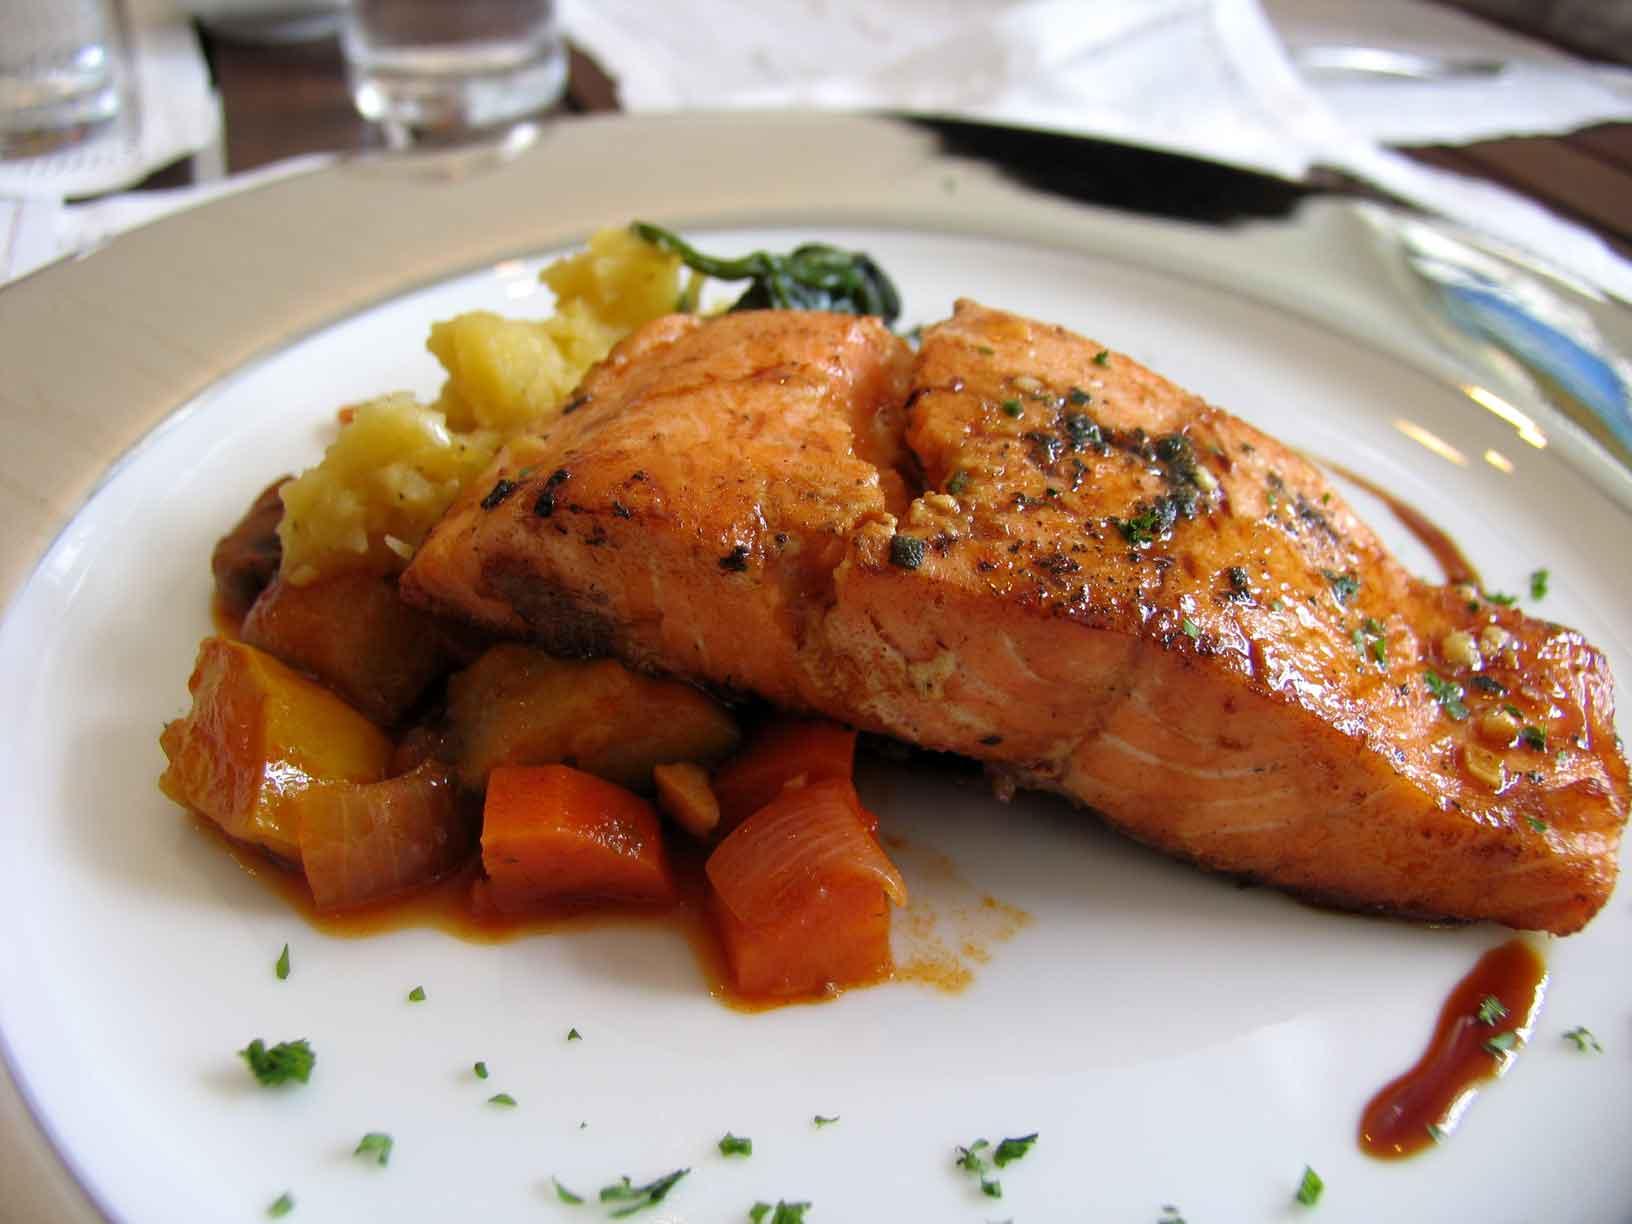 Sire Teriyaki Salmon